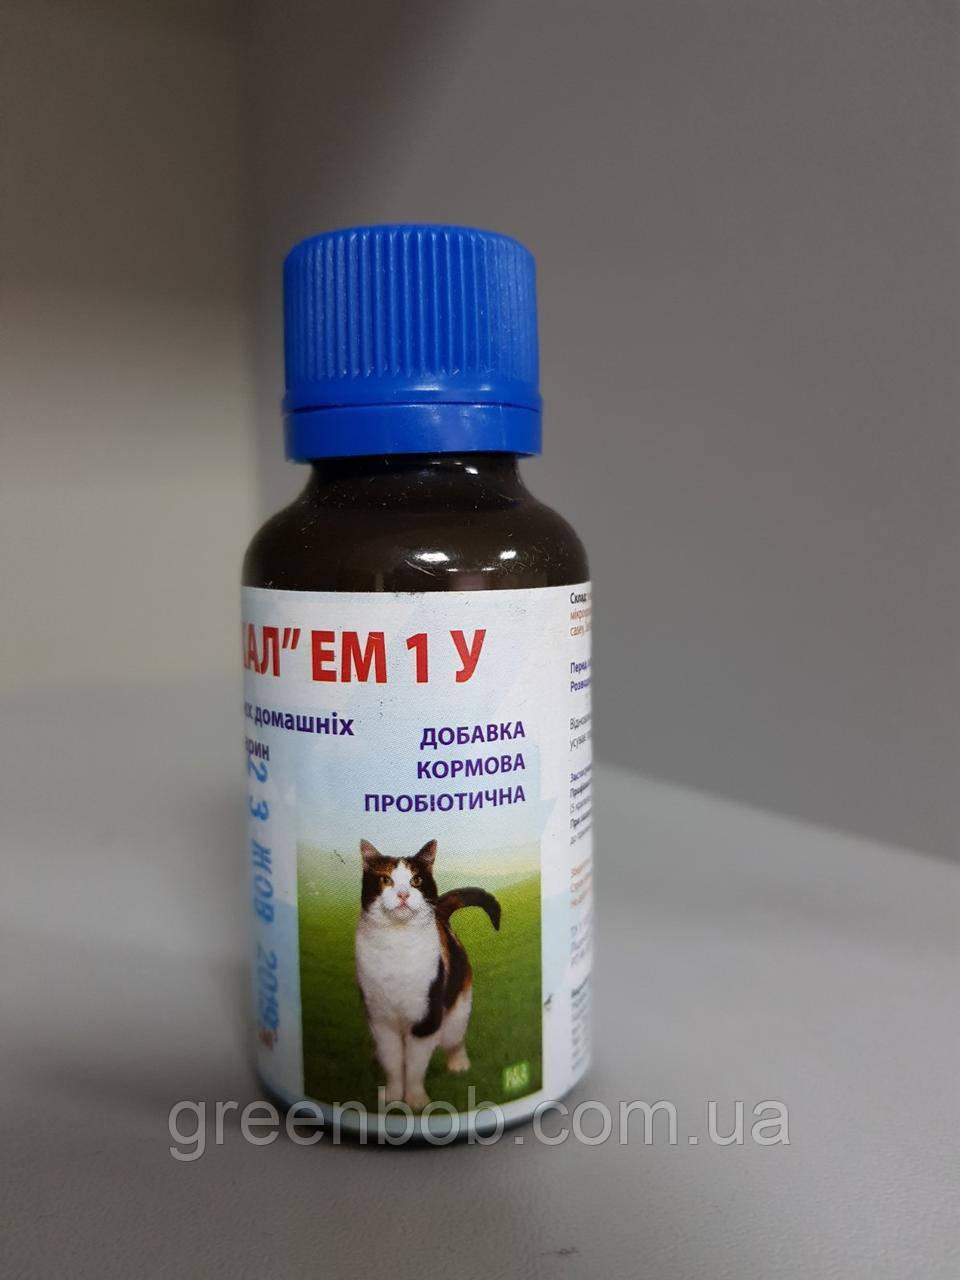 Байкал ЭМ-1У добавка кормовая пробиотическая для мелких домашних животных 33 мл